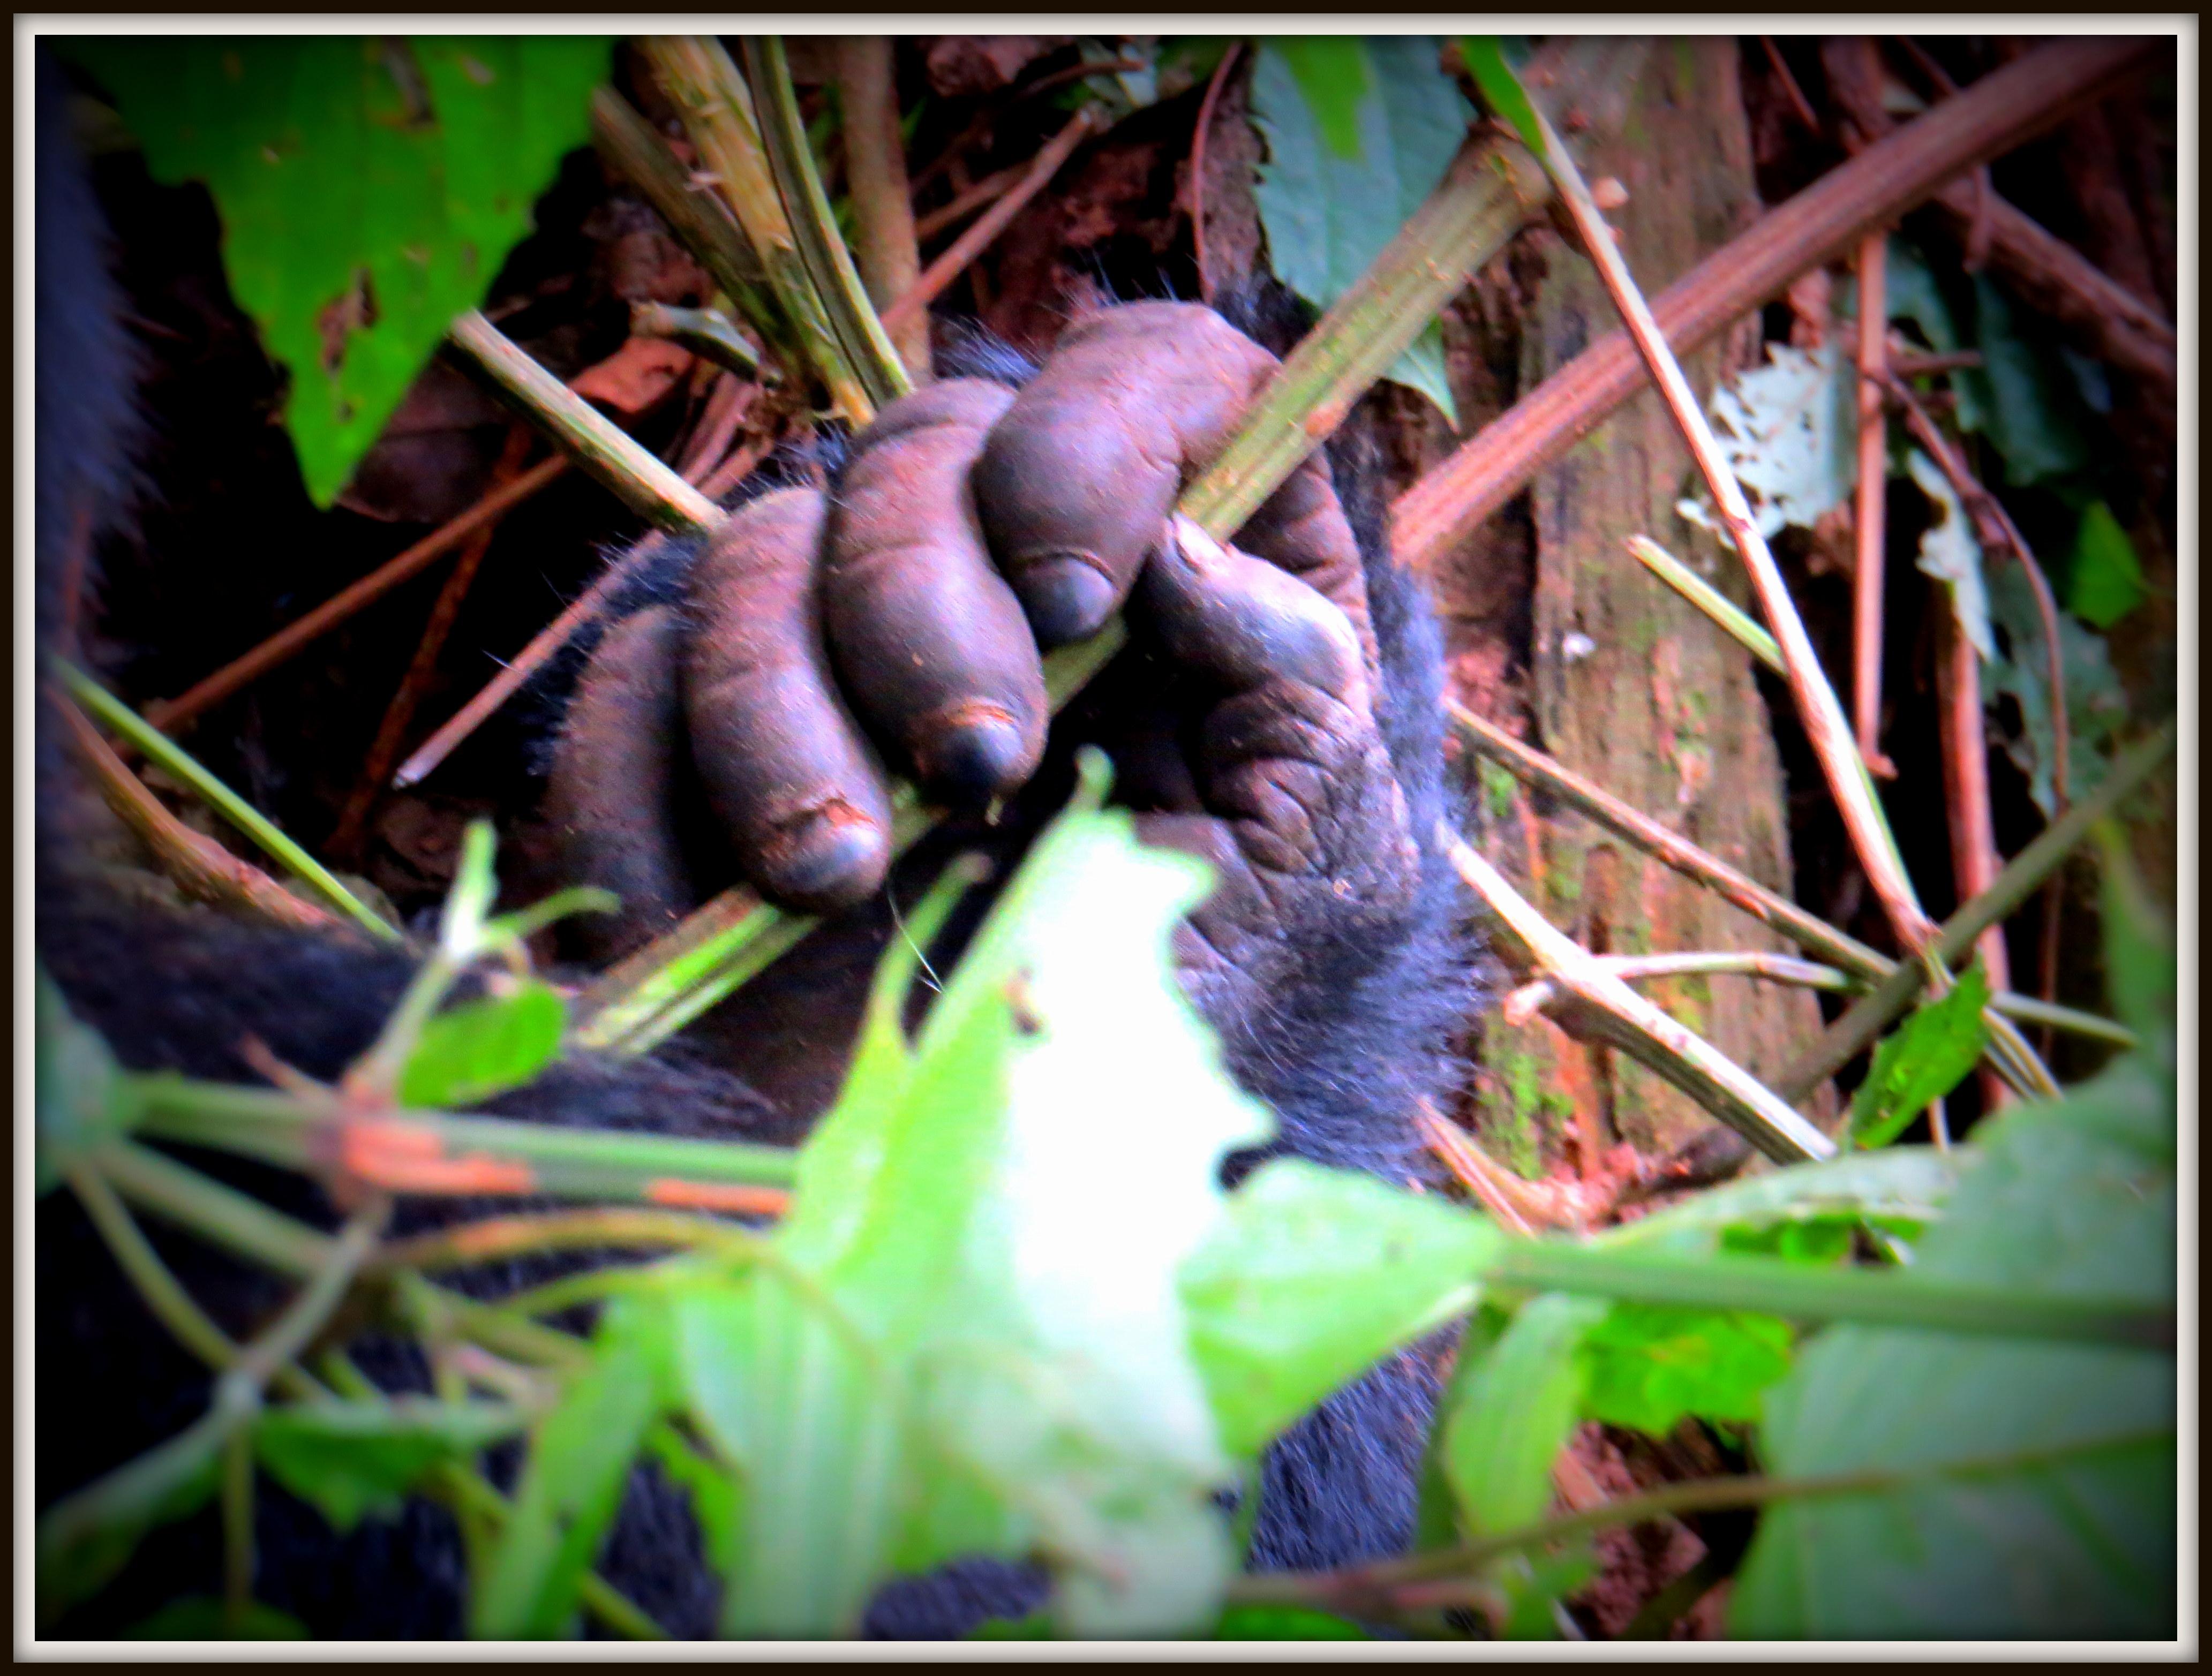 Gorilla trekking in Uganda- 3 days luxury gorilla safari in Uganda via Kigali